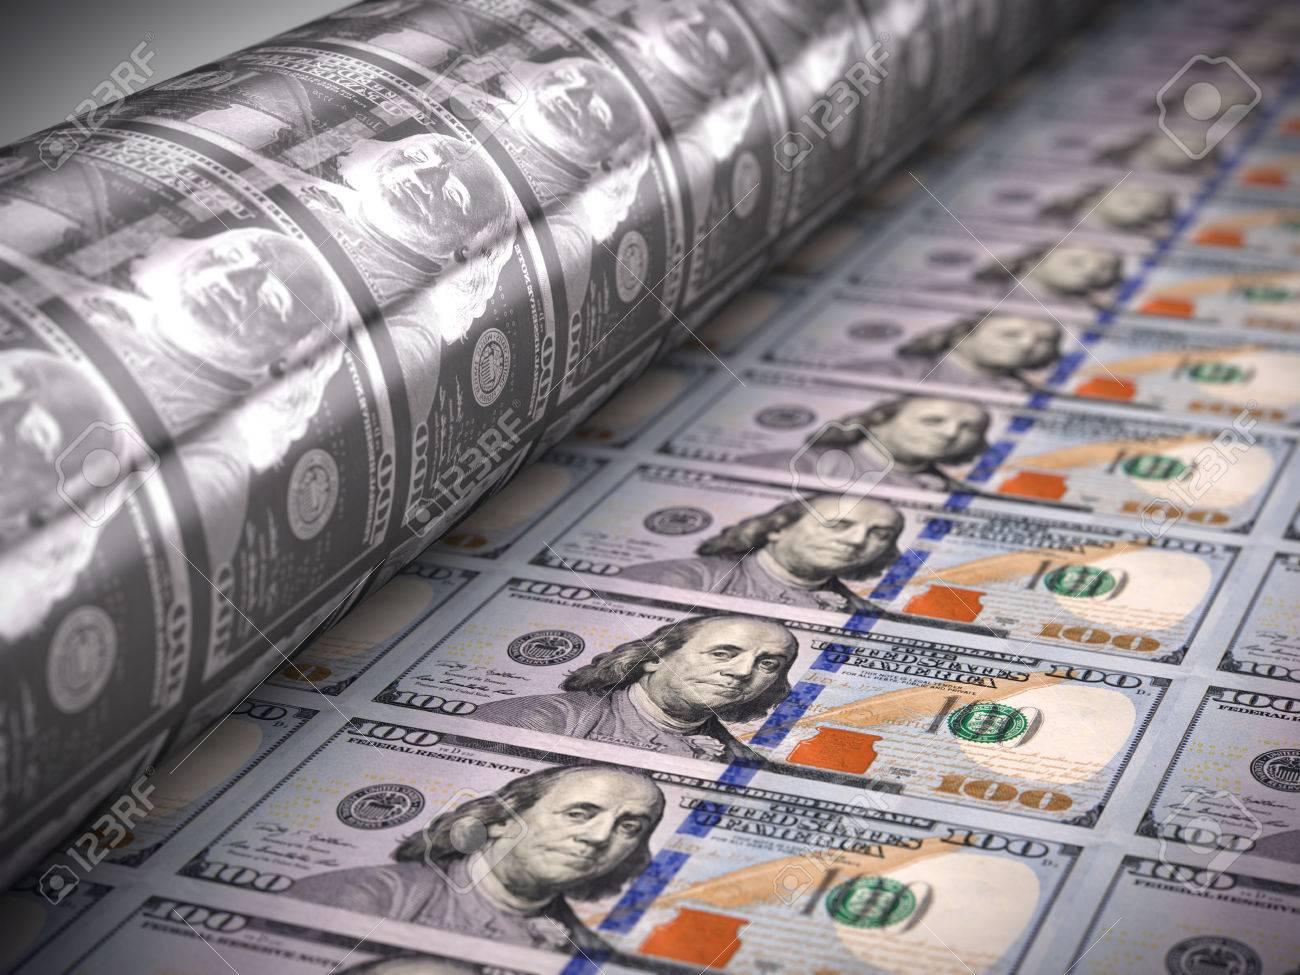 Printing money - 100 dollar bills - 64611905